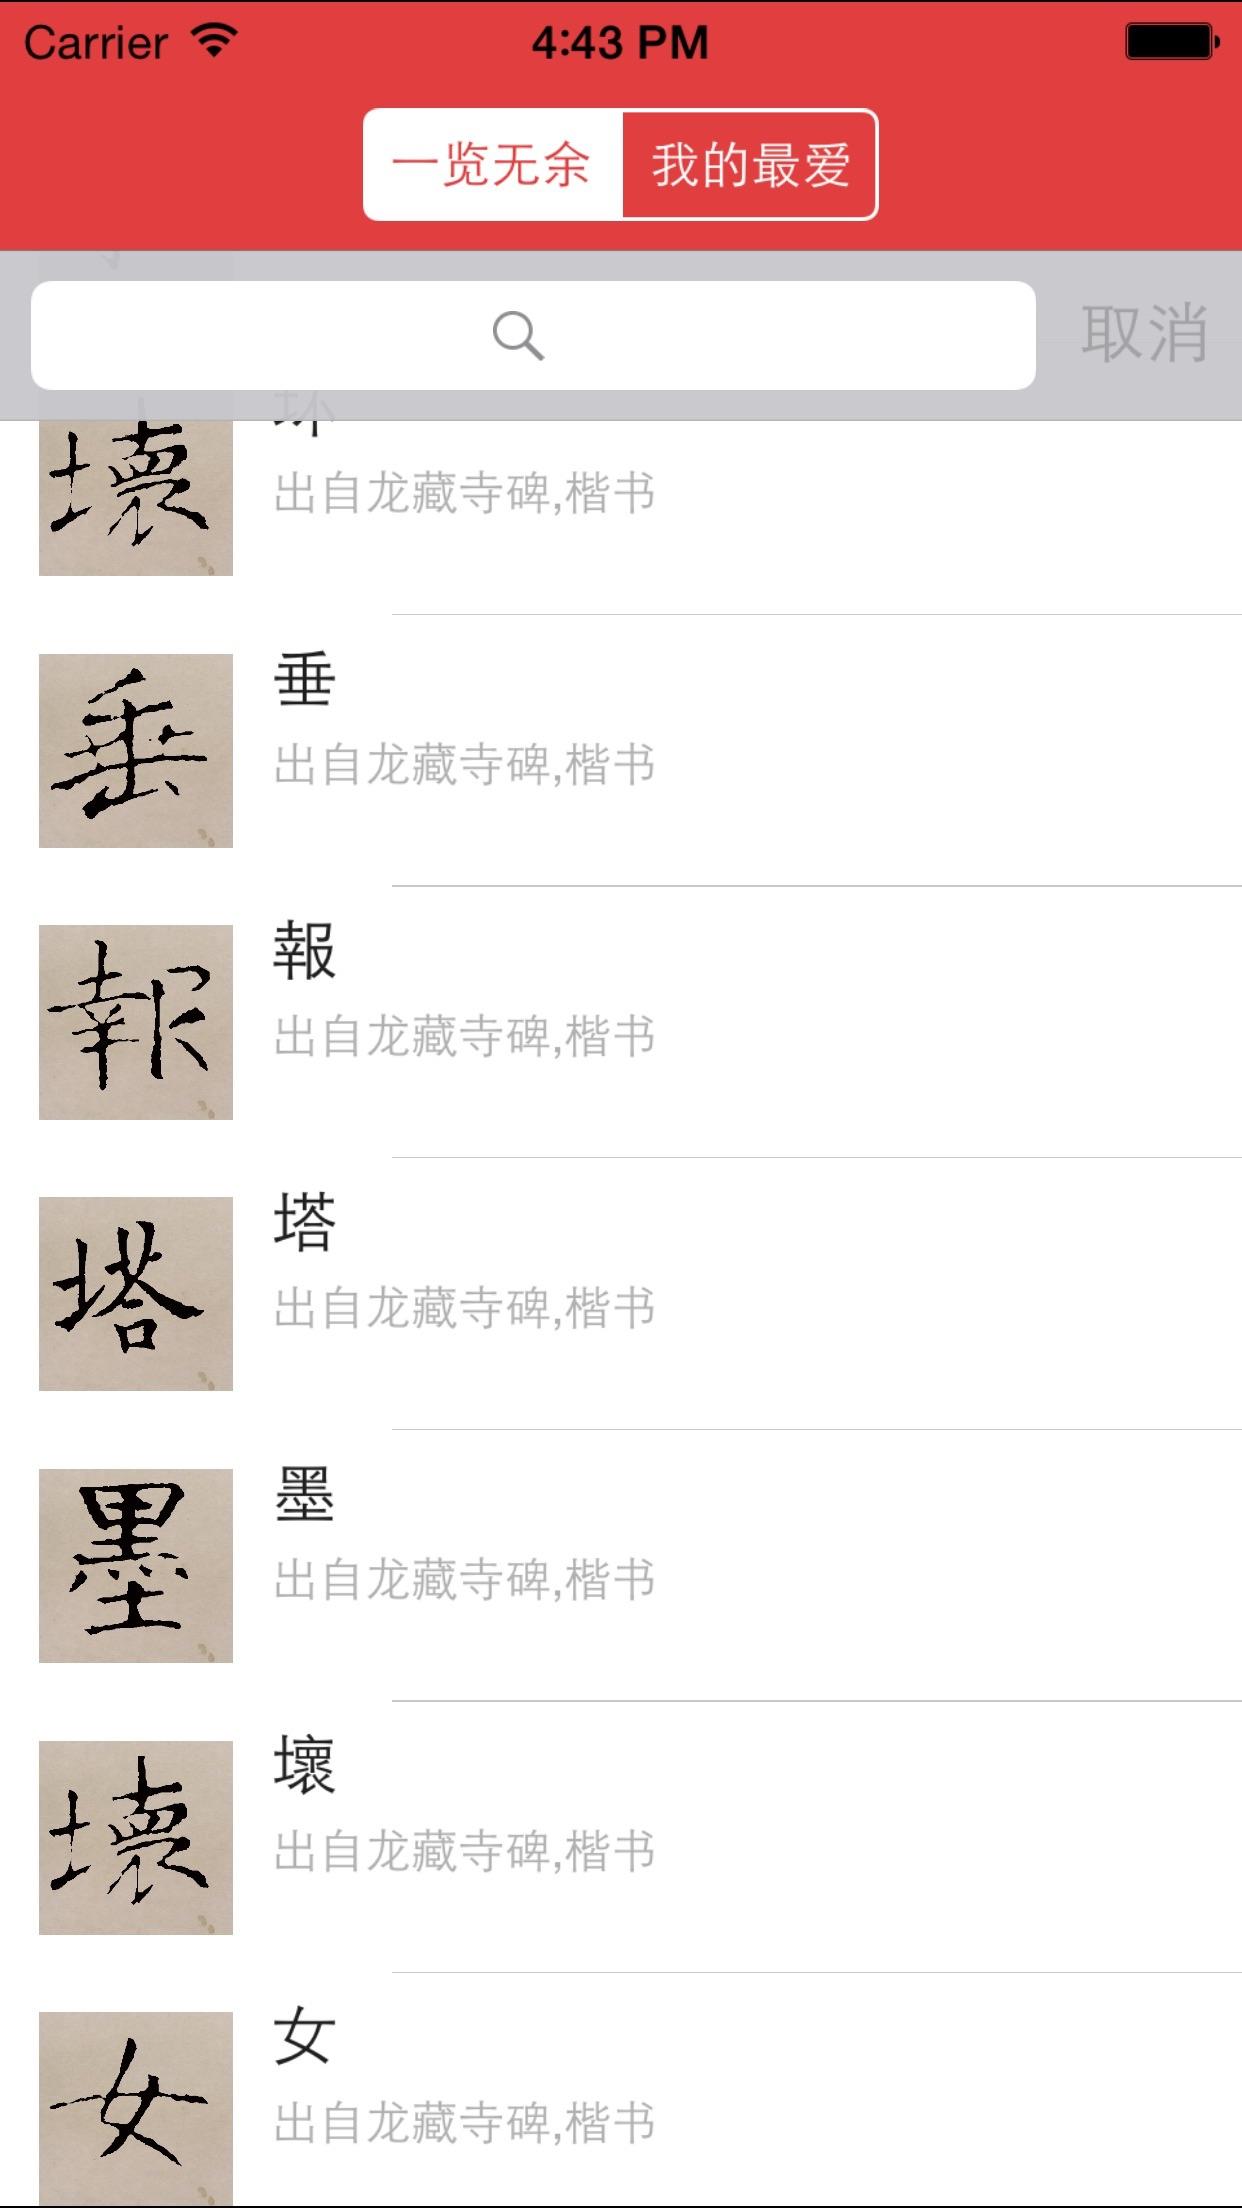 楷书书法字典:550多名书法名家作品 Screenshot